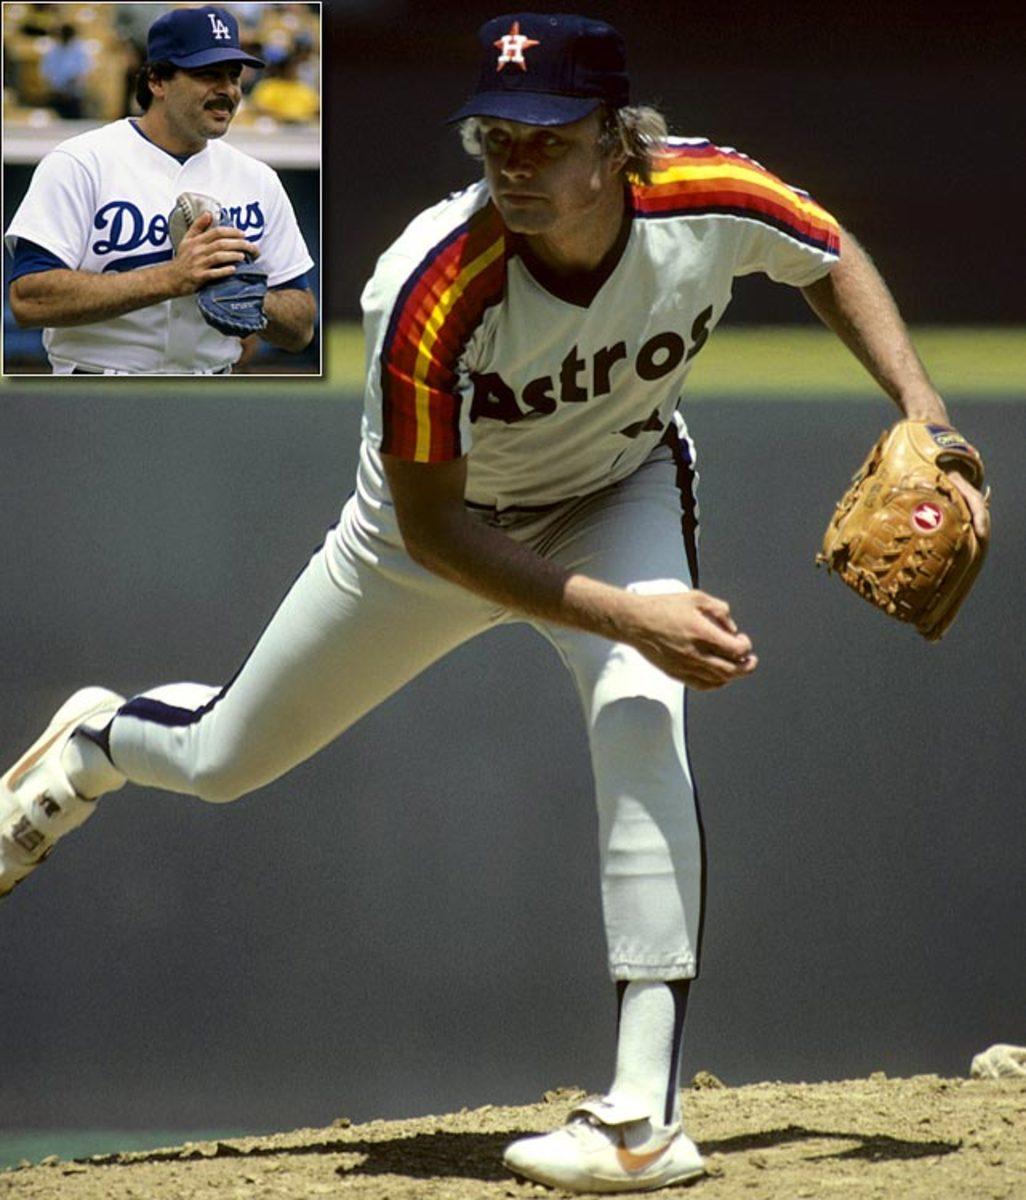 1980 National League West